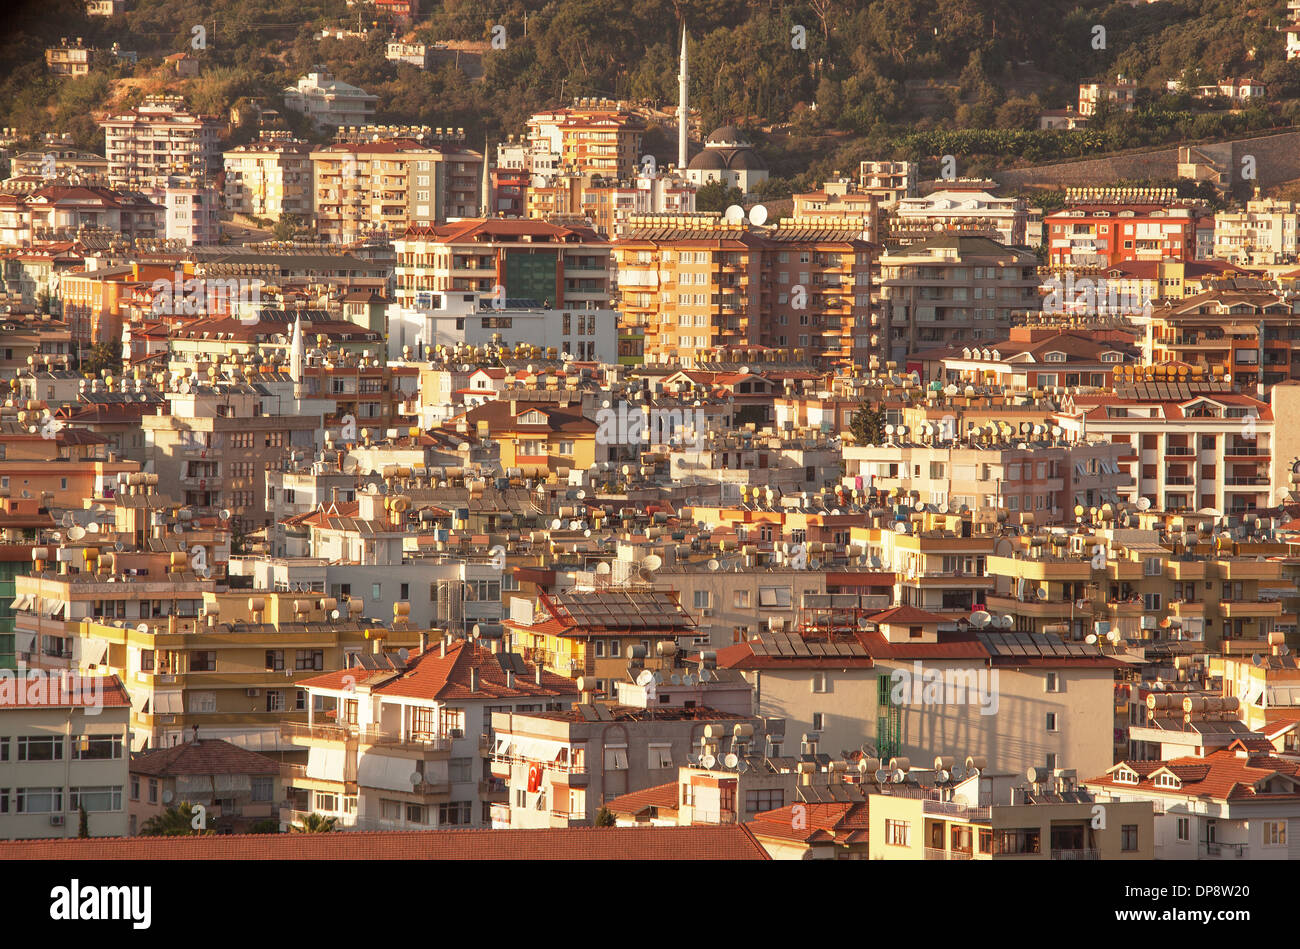 Chauffe-eau et les antennes satellite. Caractéristiques de l'architecture moderne en centre-ville d'Alanya, Turquie. Canon 5D Mk II. Photo Stock